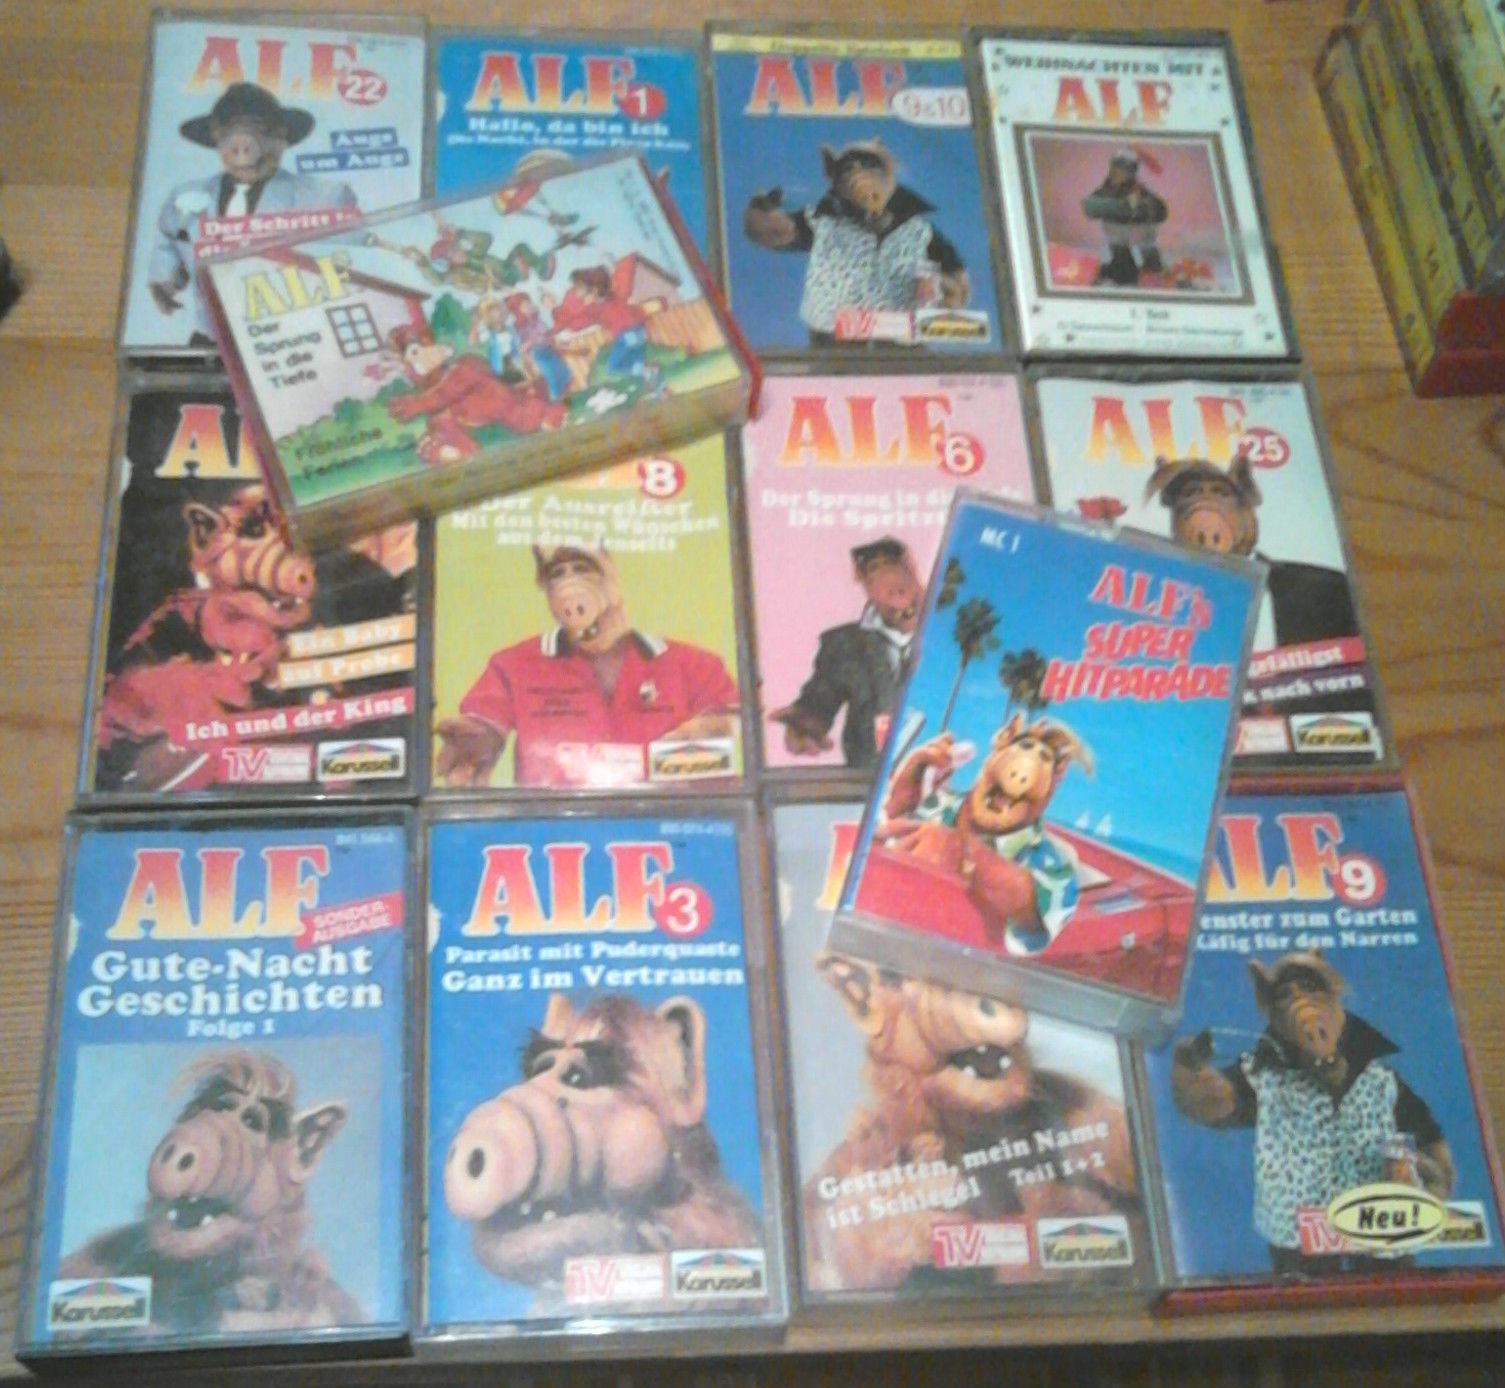 ALF 4 Kassetten Auswahl aus Liste - Karussel Hörspiel Kassetten wählen aussuchen